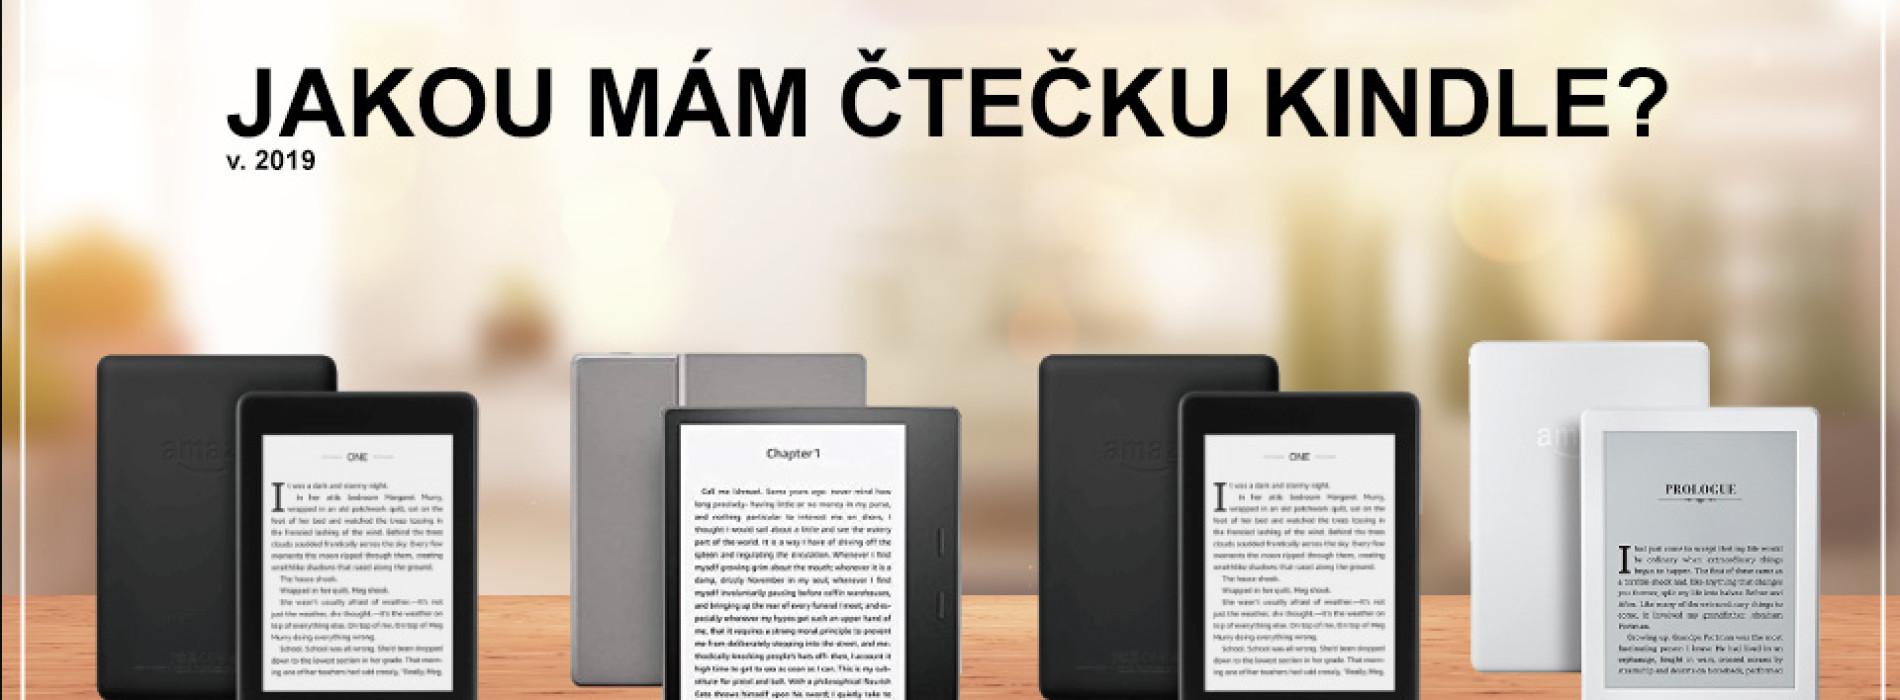 Jakou máte e-book čtečku Amazon Kindle?